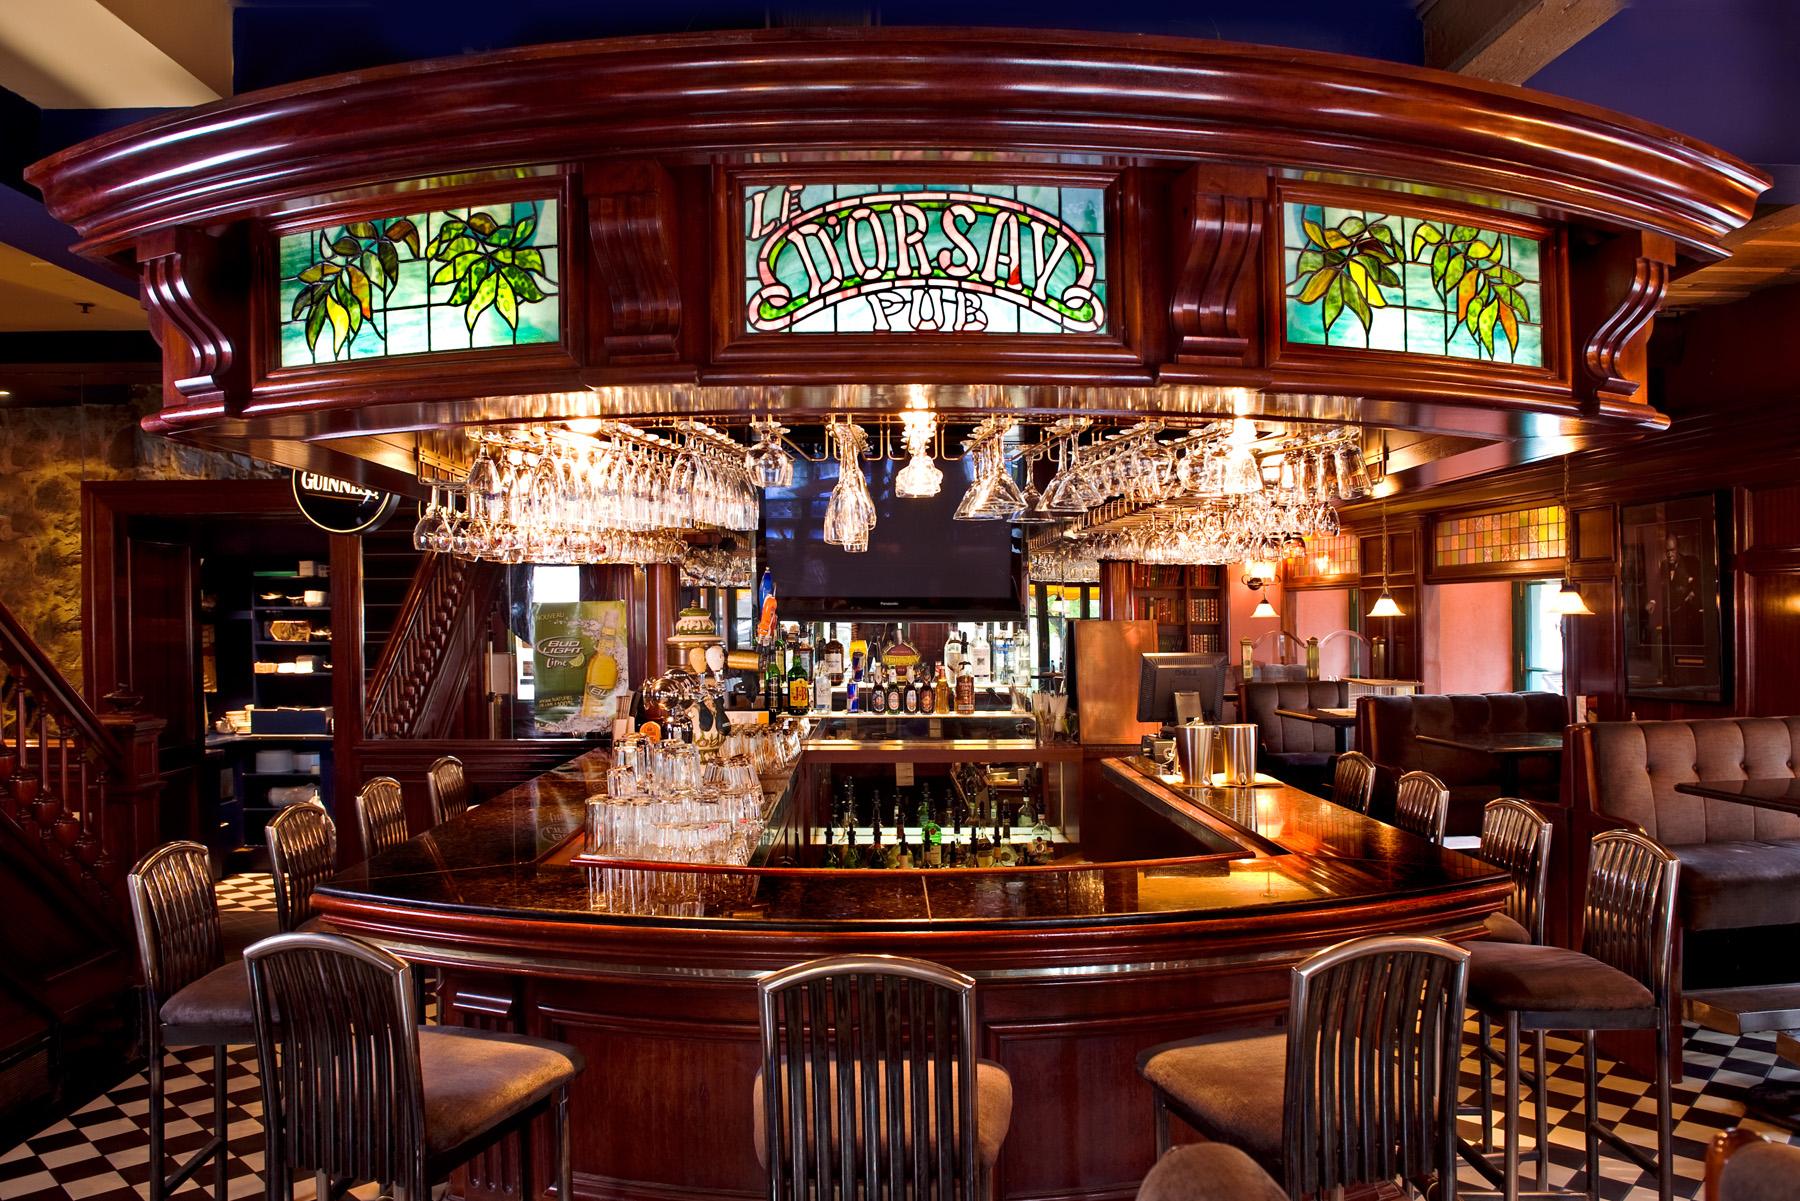 D'Orsay Restaurant-Pub - Restaurants